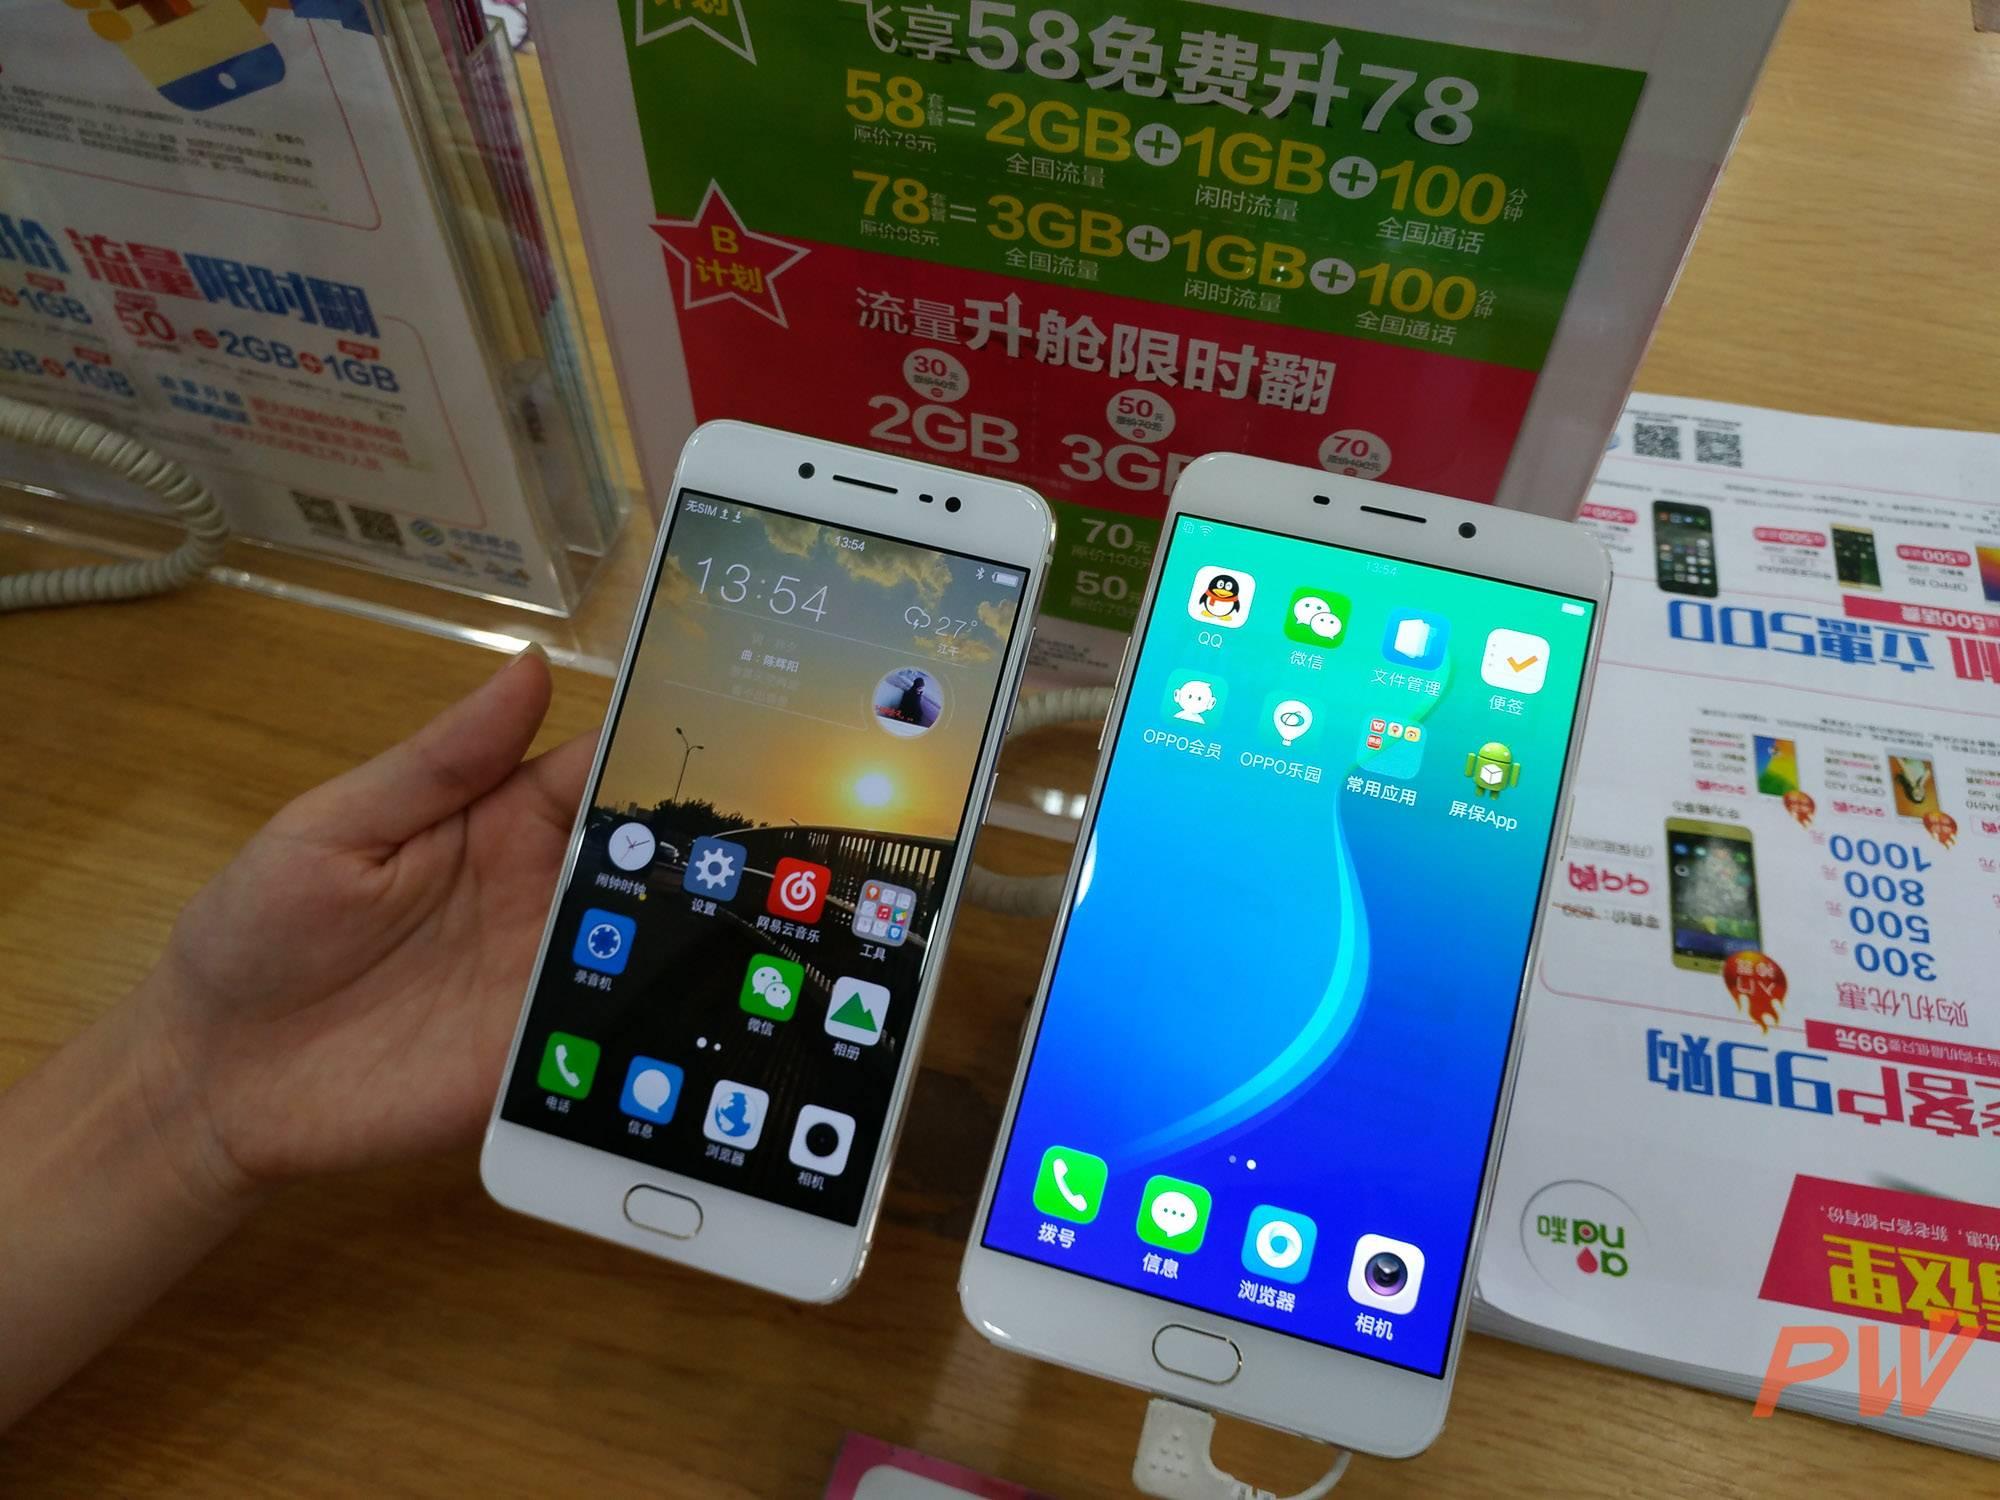 周末在杭州的一家移动营业厅拍摄的两台手机。左侧是 vivo X7,右侧是 OPPO 近期热卖的 R9 Plus。